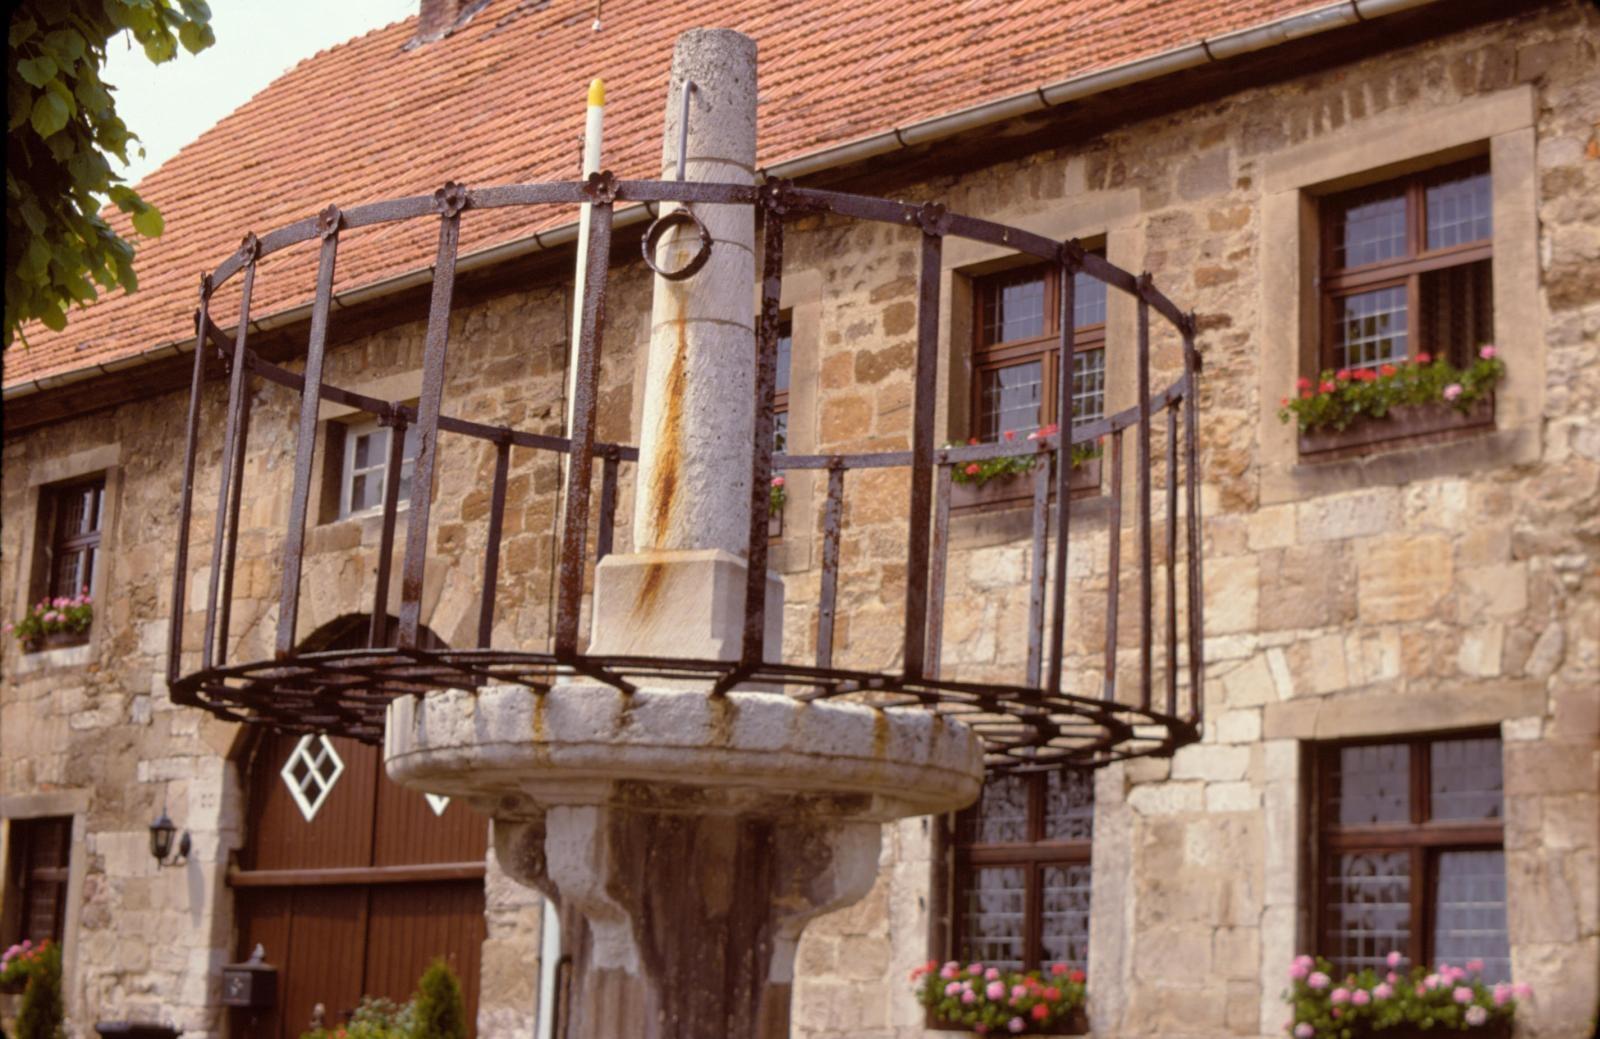 Pranger in Obermarsberg